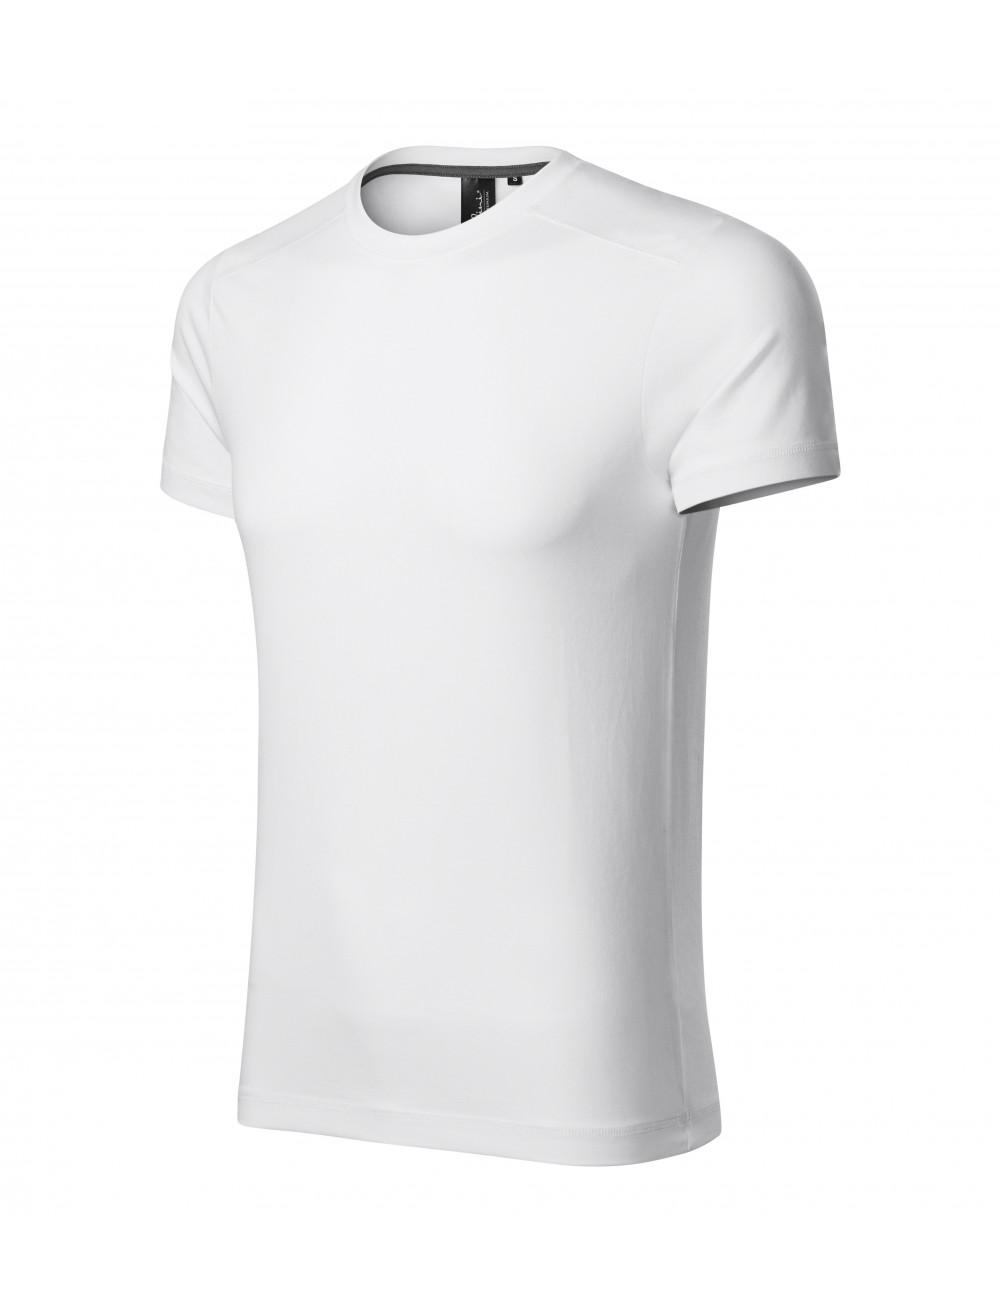 Adler MALFINIPREMIUM Koszulka męska Action 150 biały